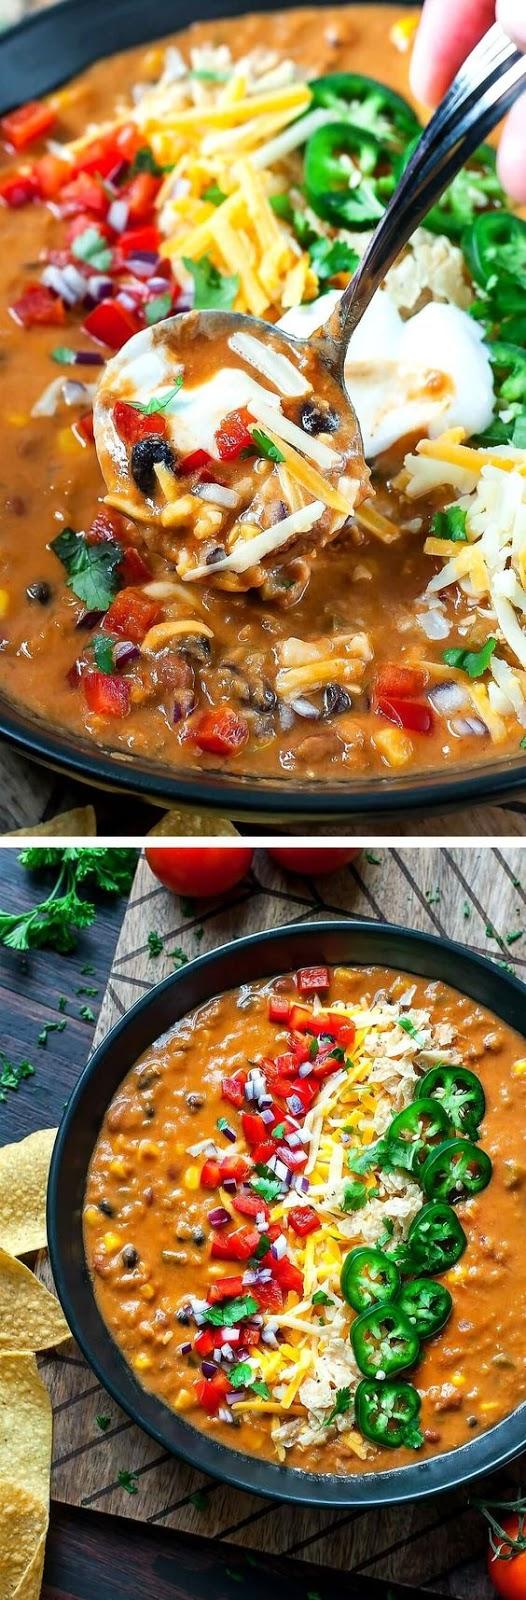 VEGETARIAN LENTIL TORTILLA SOUP (INSTANT-POT + SLOW COOKER) #vegetarian #vegetarianrecipes #lentil #tortilla #soup #souprecipes #instantpot #slowcooker #veggies #veganrecipes